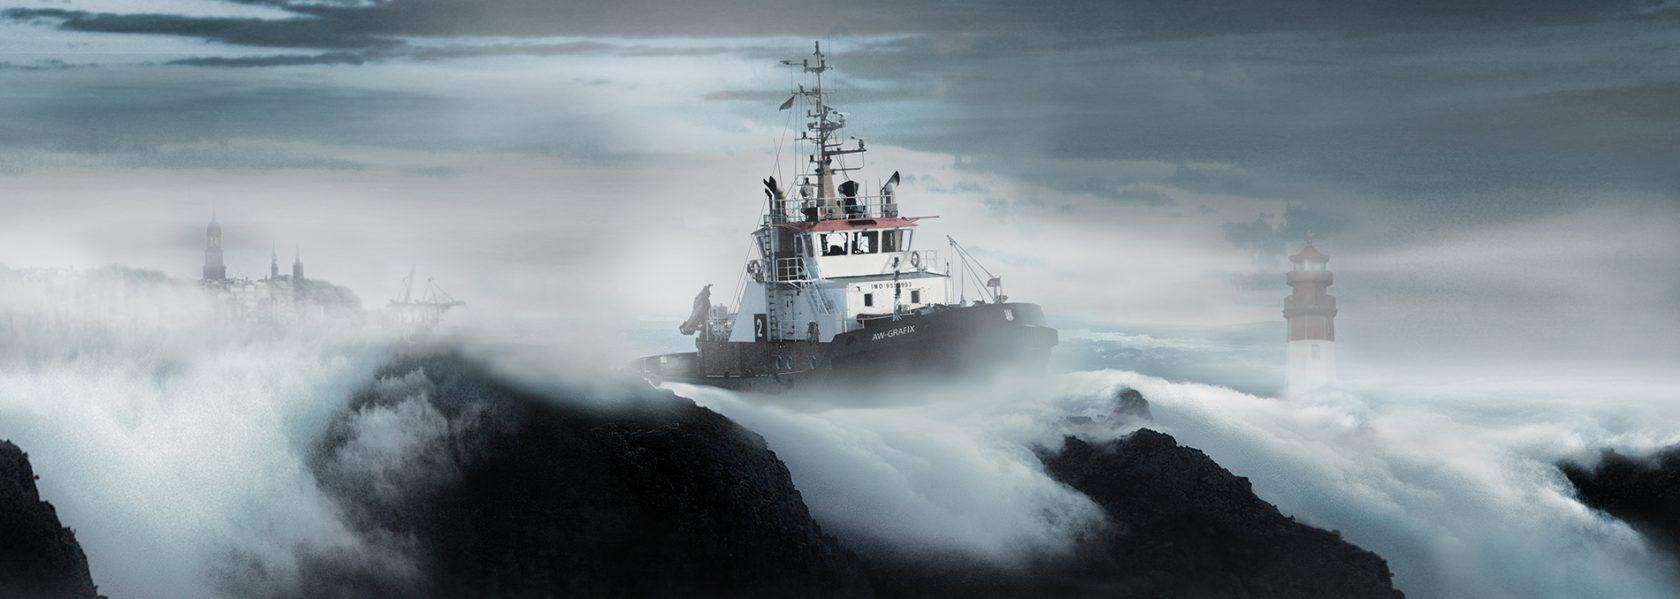 Schlepper auf Wolkenmeer